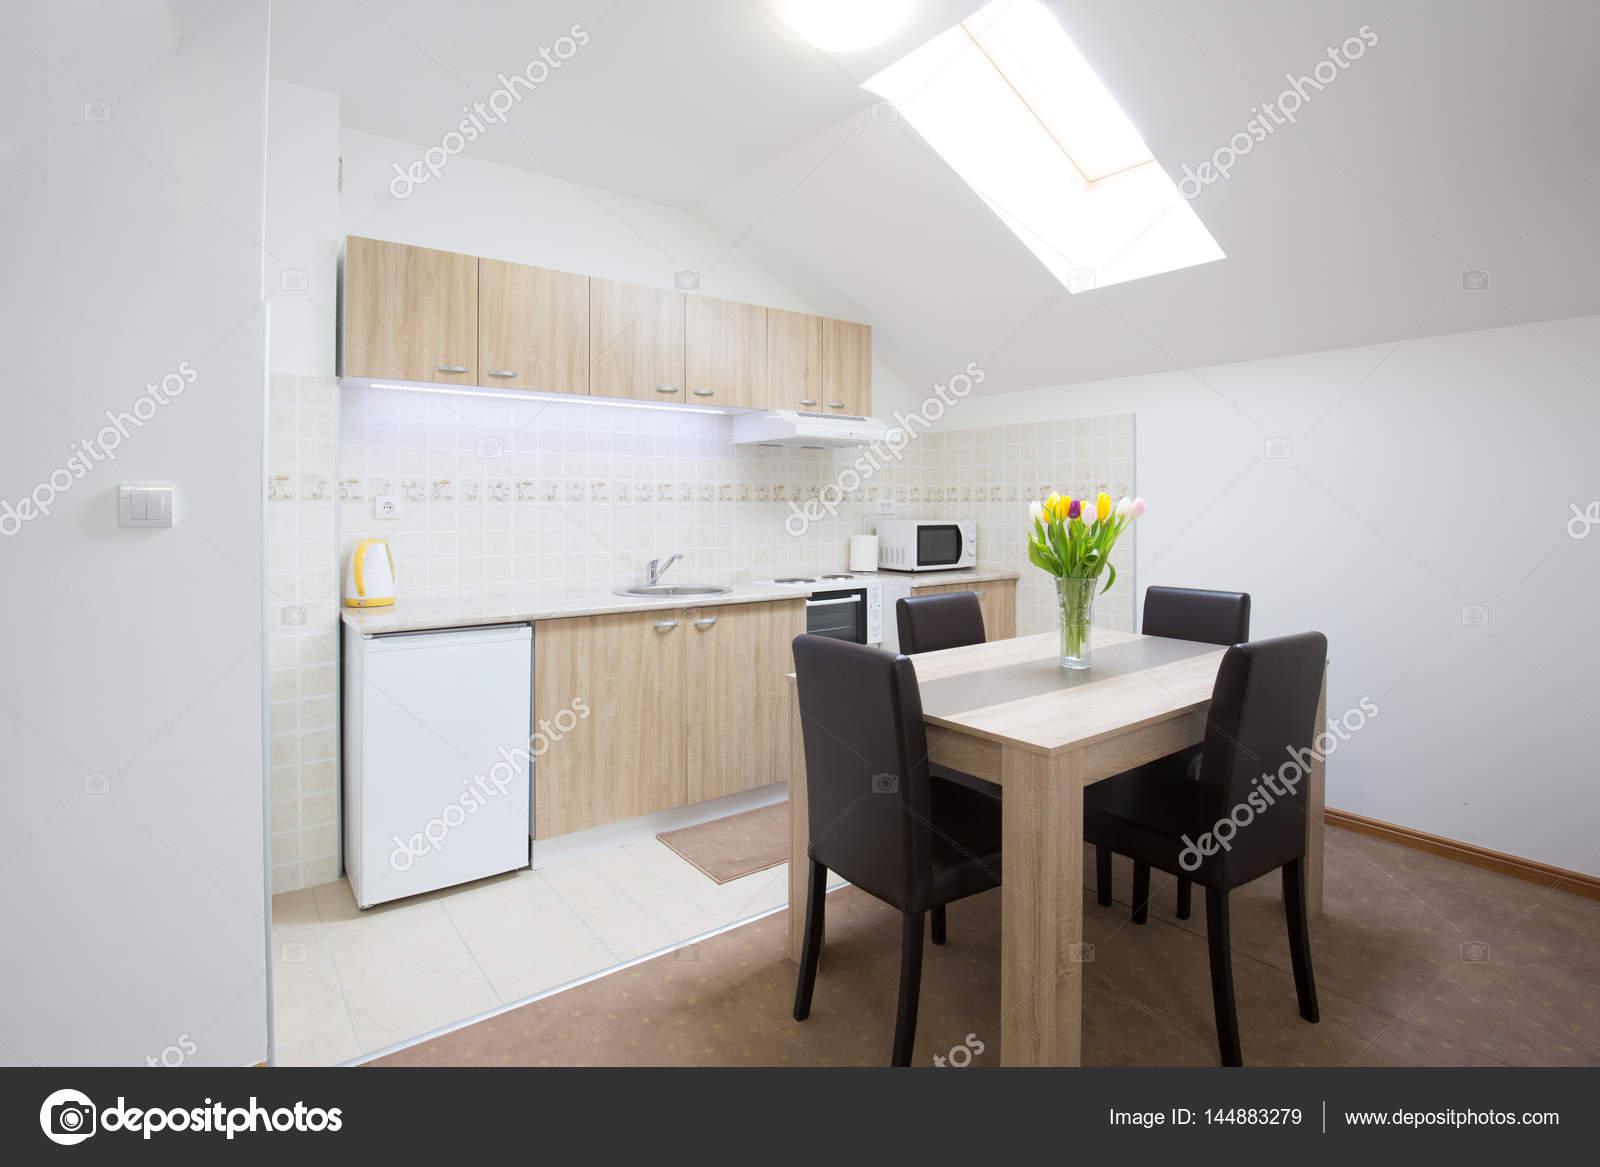 Wohnung Küche Interior design — Stockfoto © rilueda #144883279